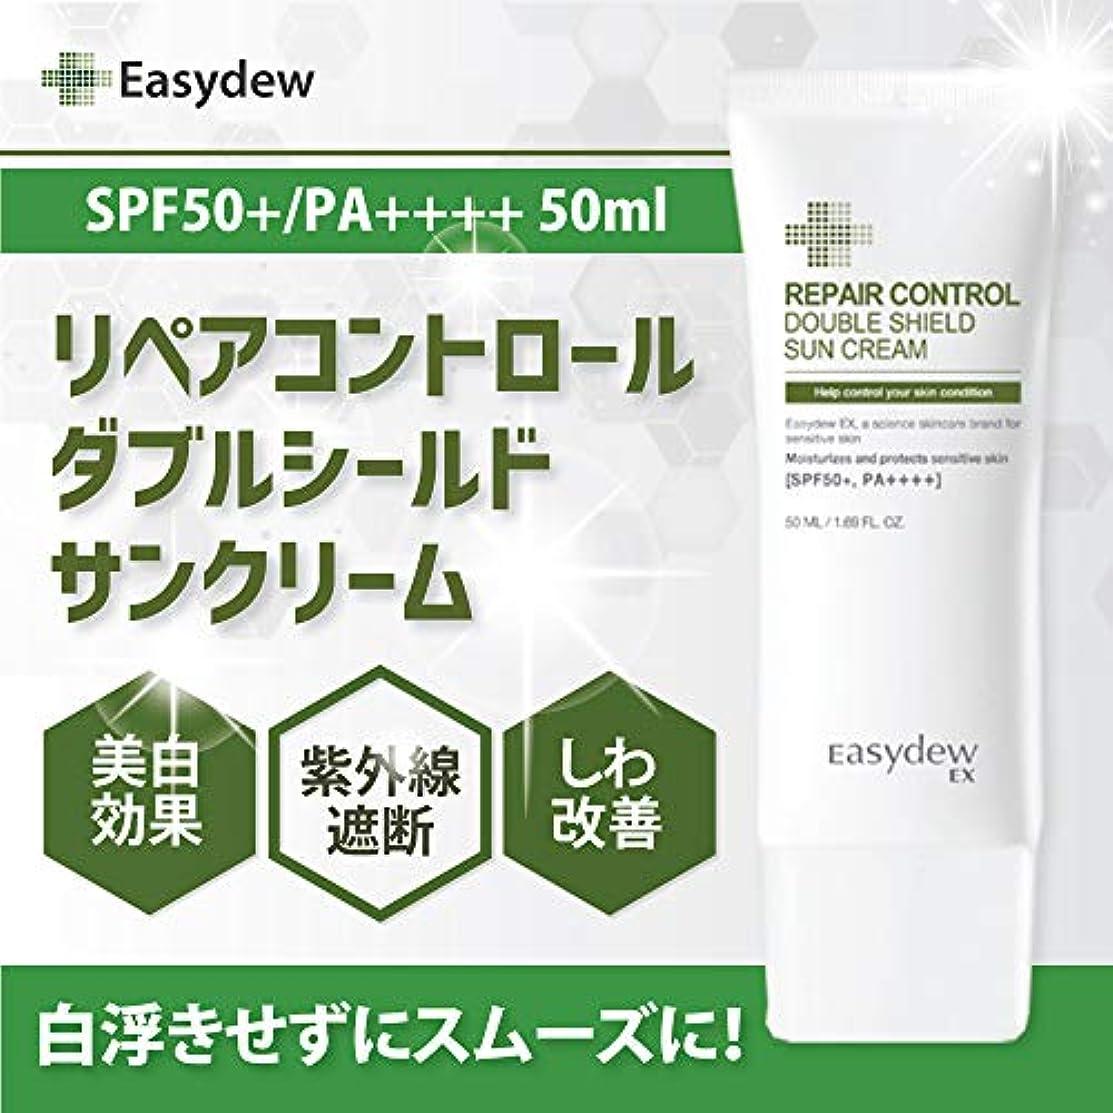 真っ逆さま膨張する愛情深いデウン製薬 リペア コントロール ダブル シールド サン?クリーム SPF50+/PA++++ 50ml. Repair Control Double Shild Sun Cream SPF50+/PA++++ 50ml.